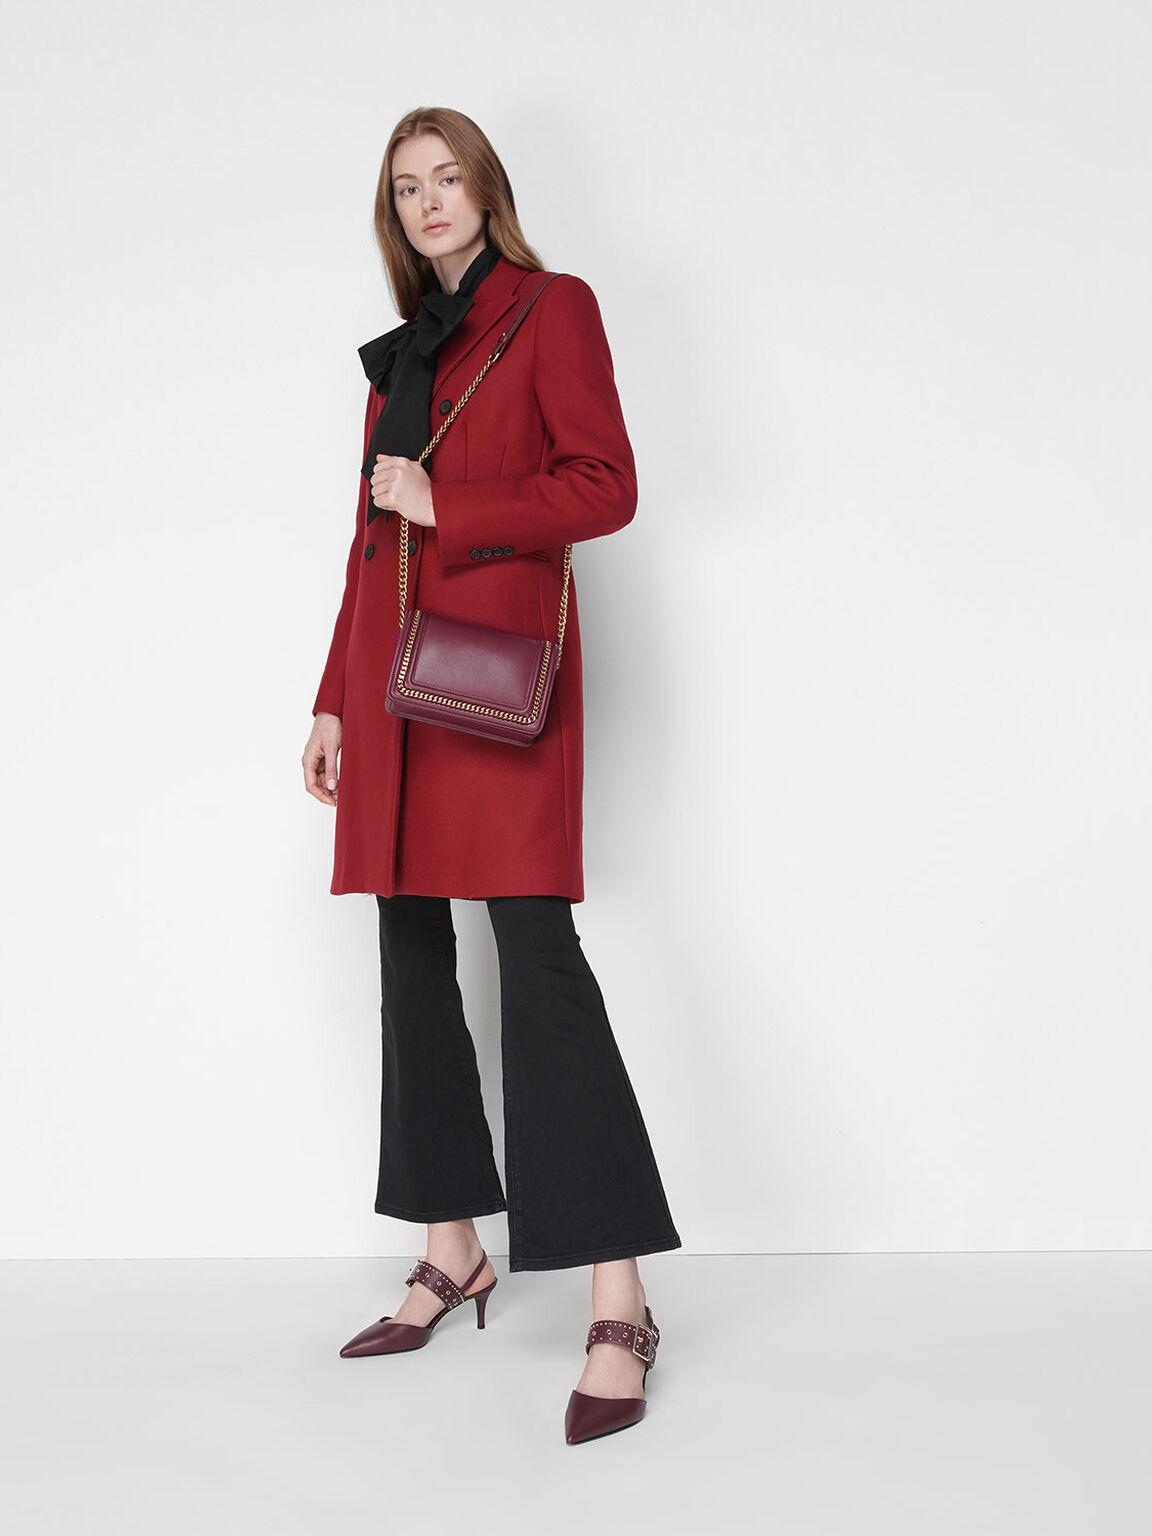 Studded Slingback Heels, Burgundy, hi-res